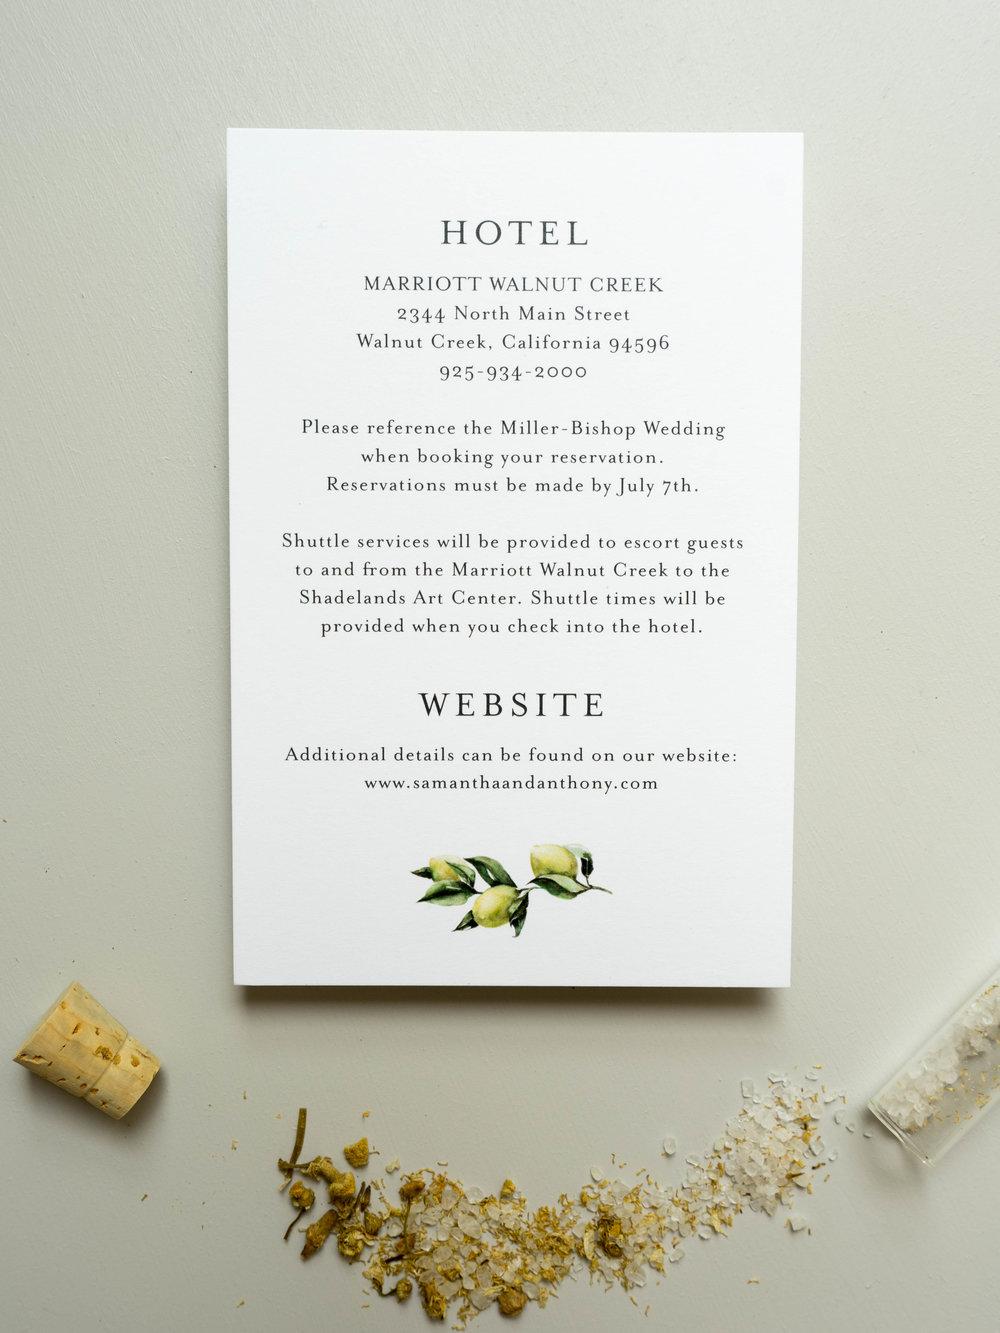 Mediterranean Wedding Invitations by Just Jurf-16.jpg